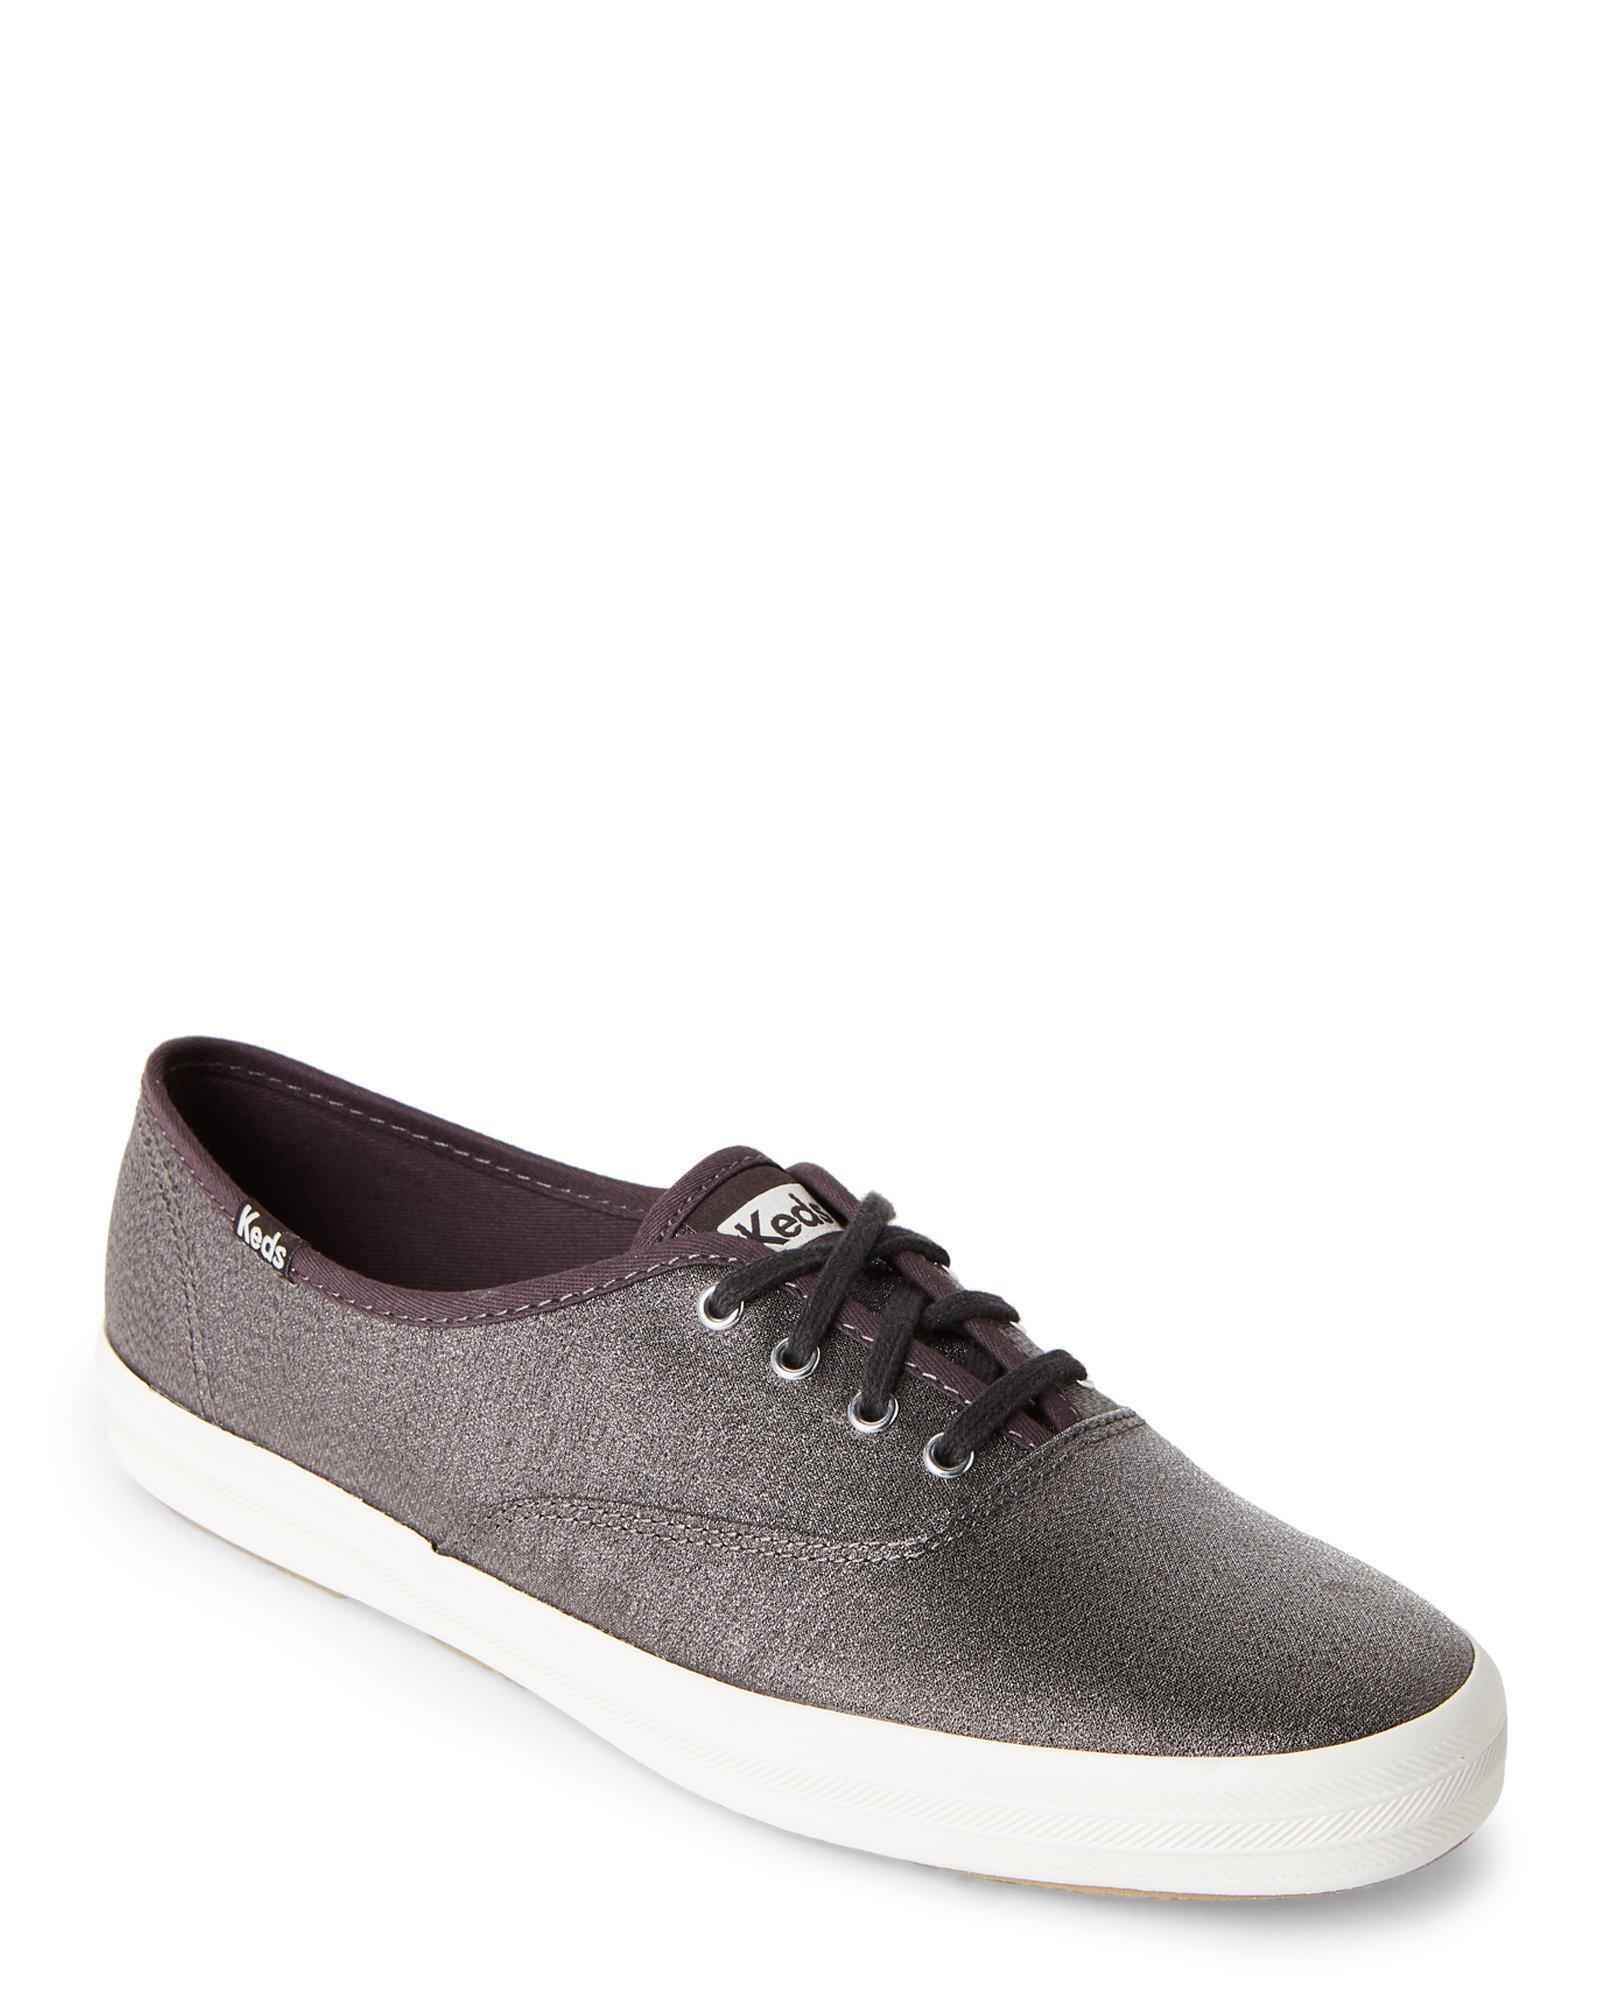 1b7e1063cbf Lyst - Keds Slate Champion Lurex Sneakers in Gray for Men